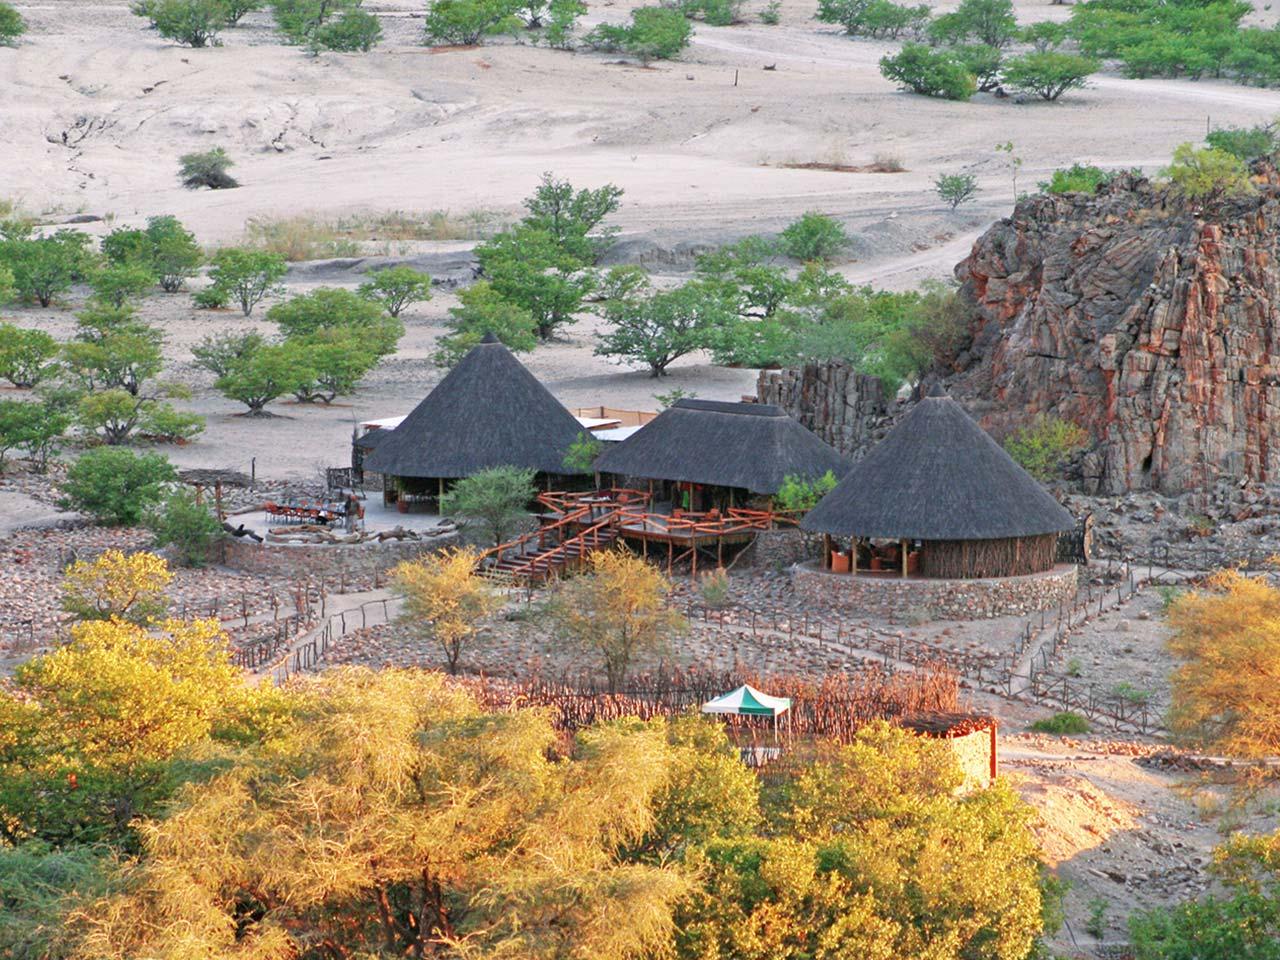 Khowarib Lodge